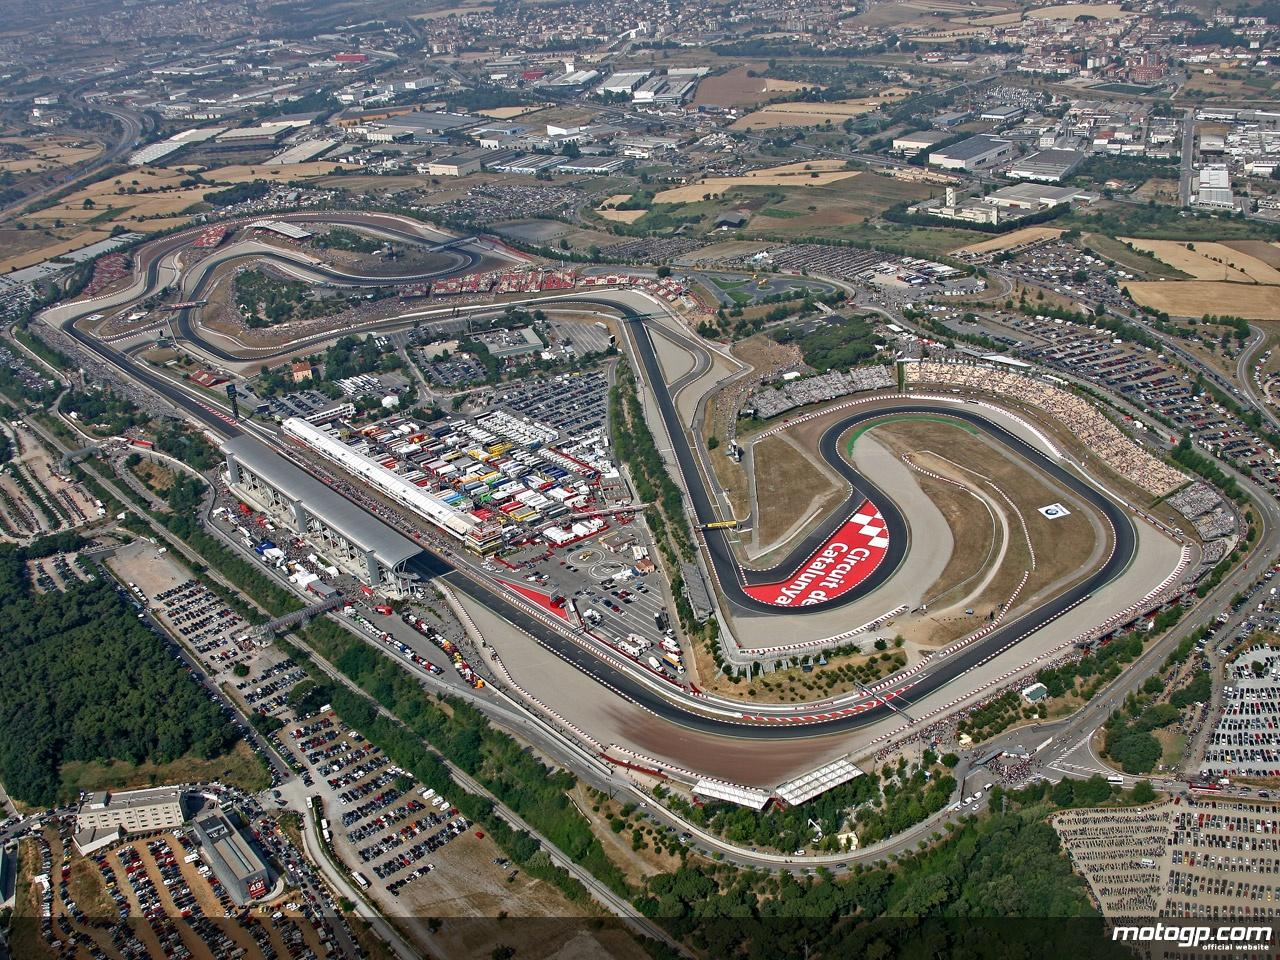 Imatge aèria del Circuit de Barcelona-Catalunya